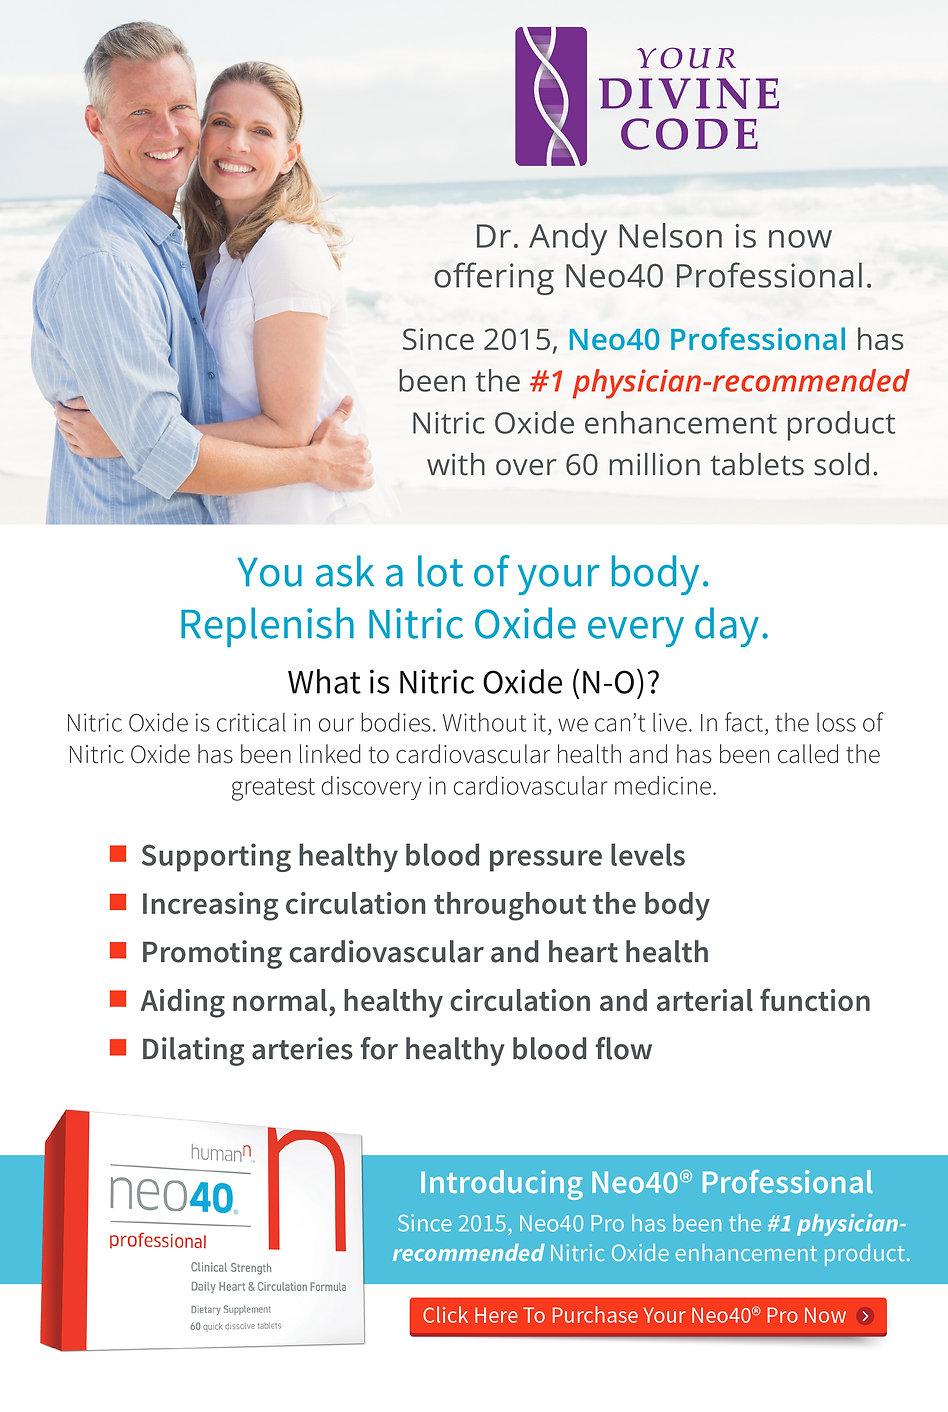 Neo40Pro-Social-Media-Asset-Nelson-2.jpg